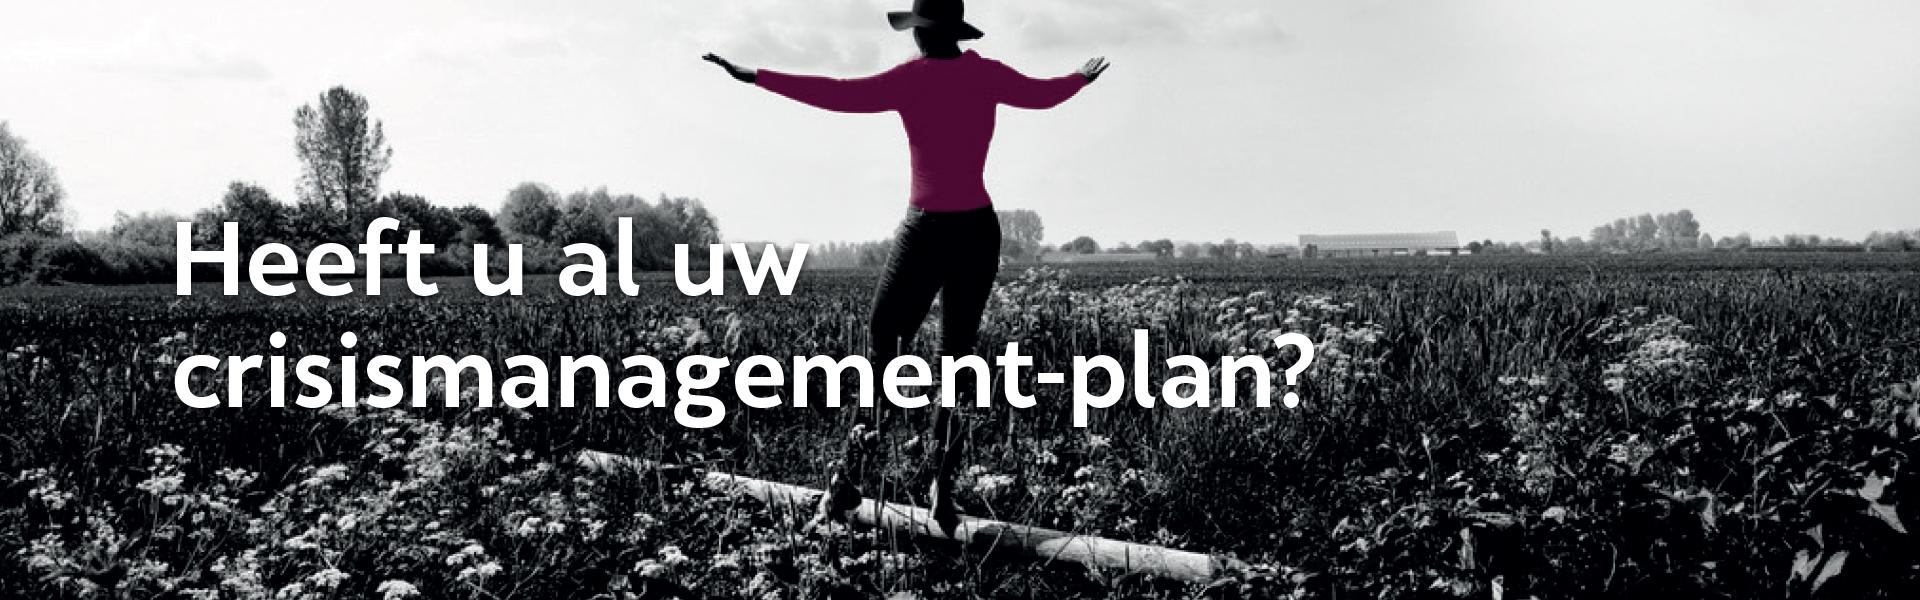 crisismanagement-plan-1920x600